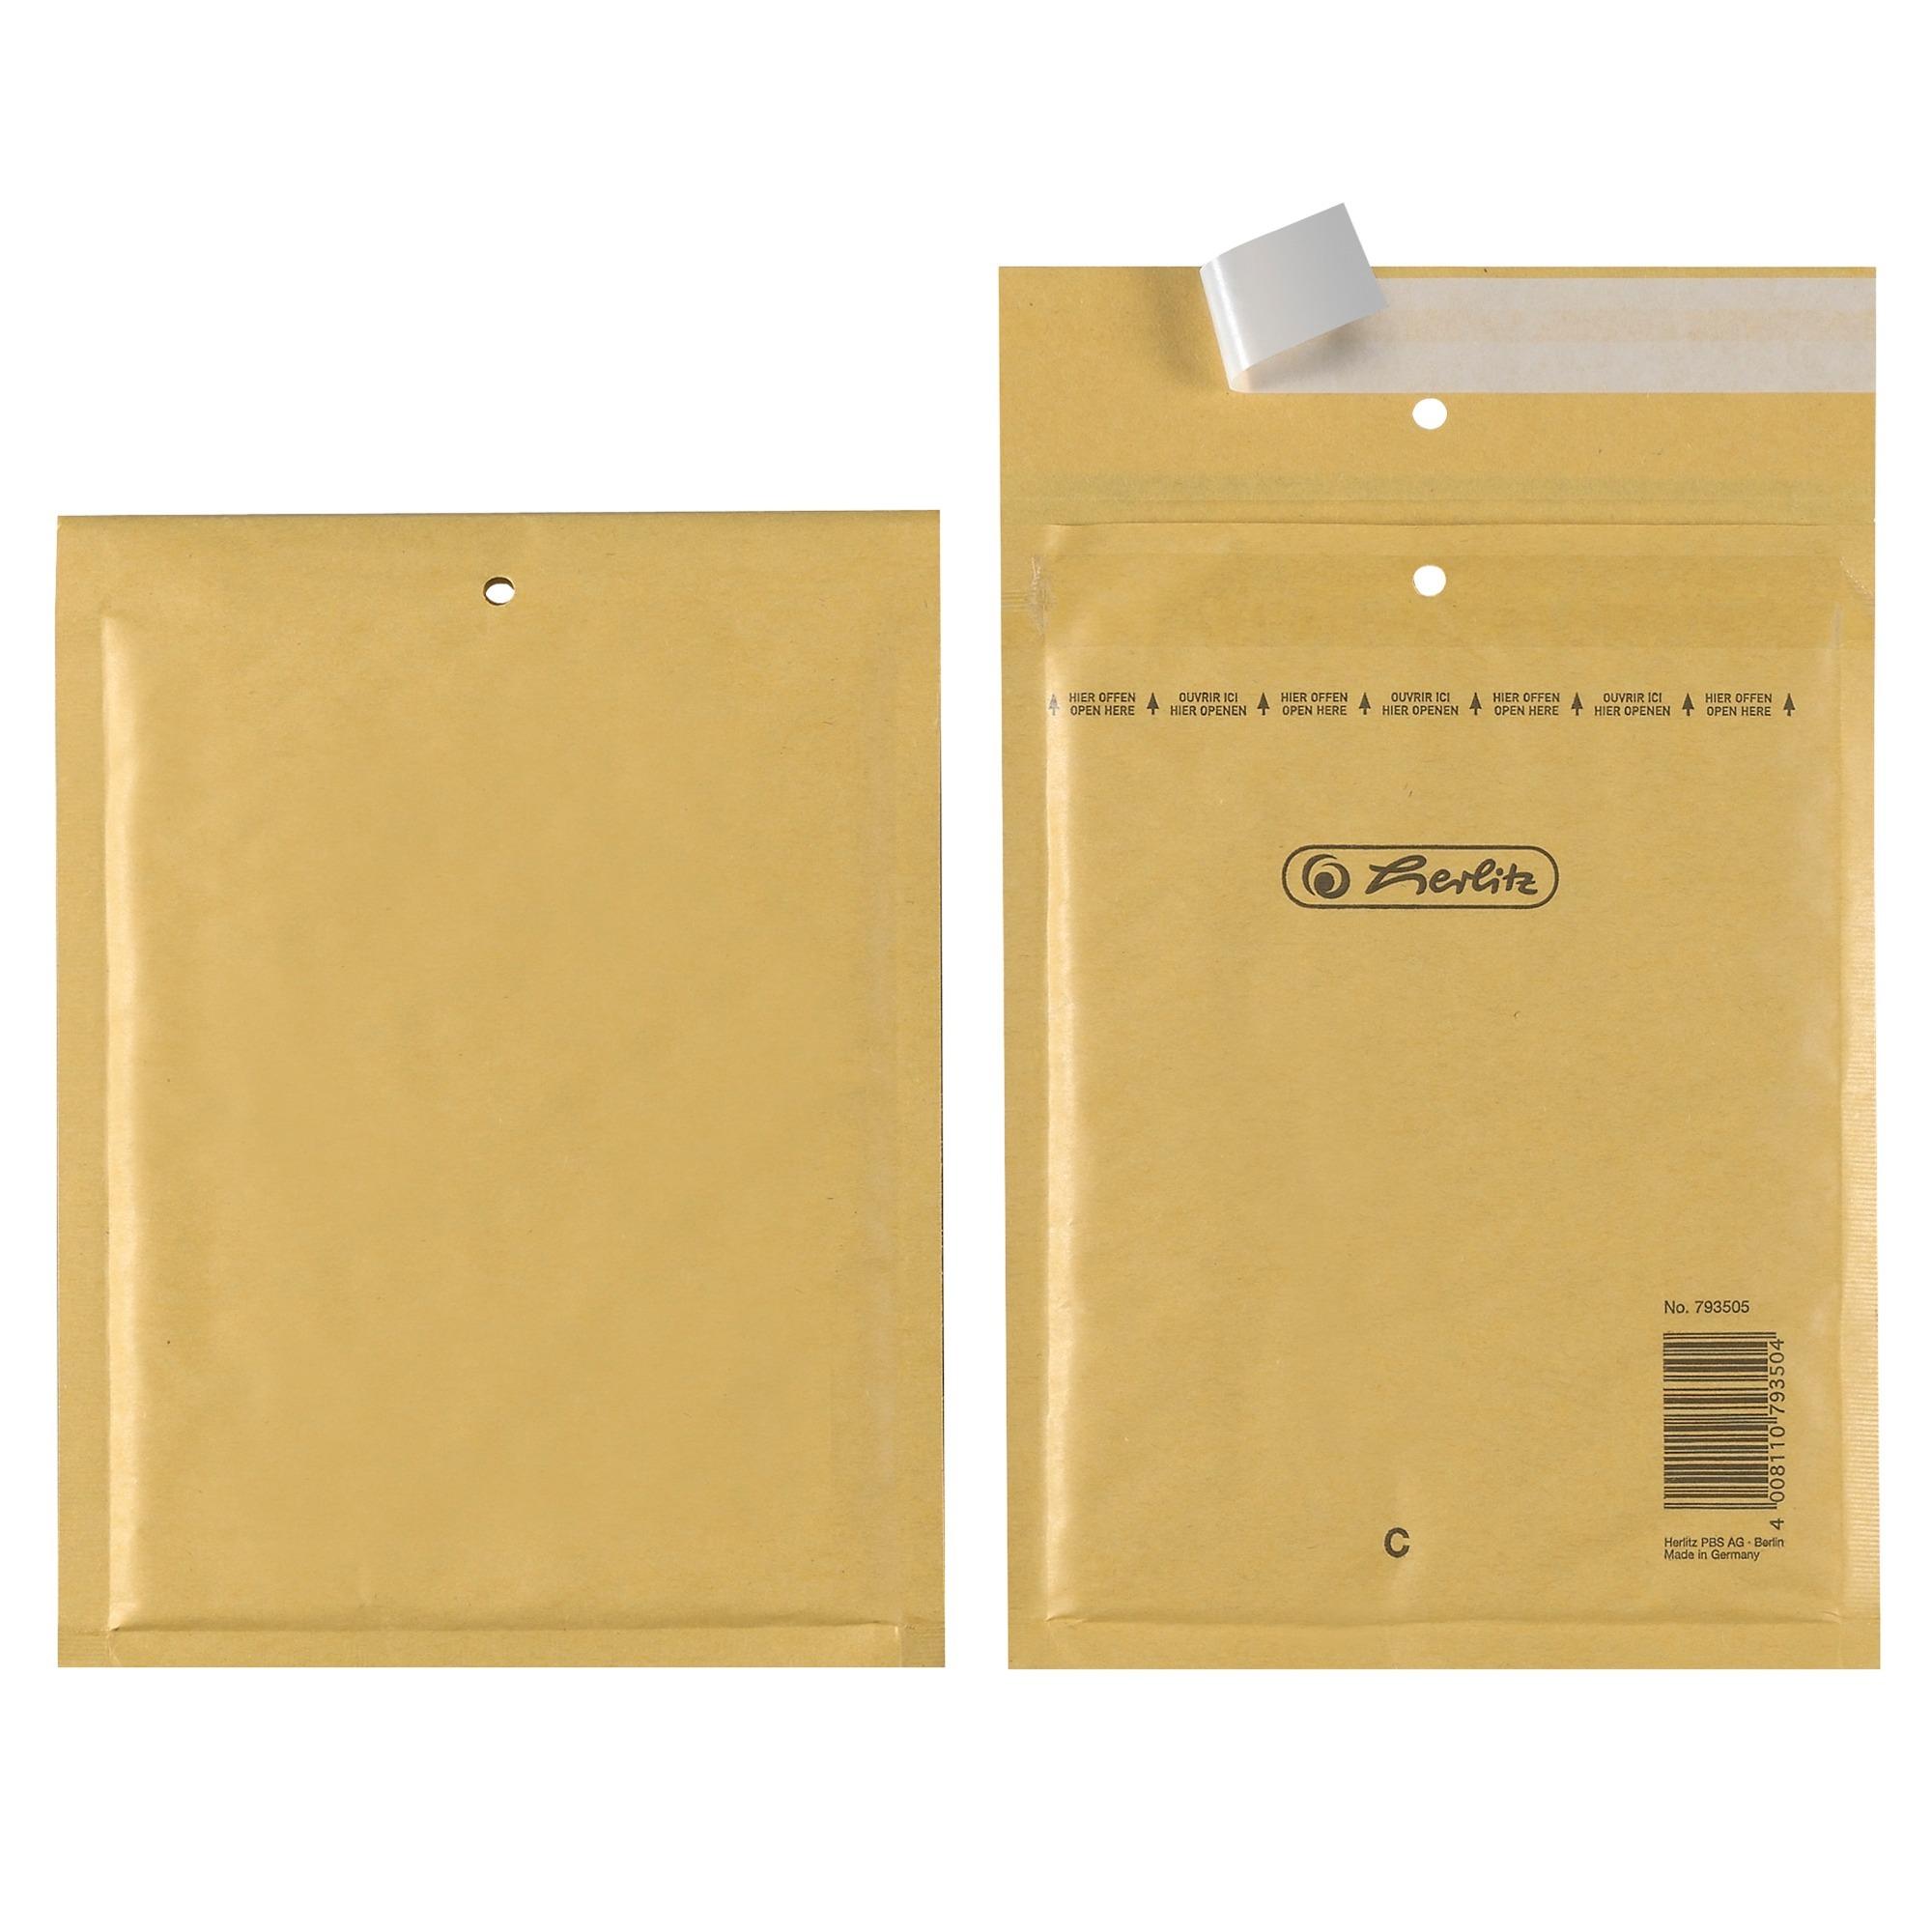 7935042 Marrón bolsa de papel, Sobre